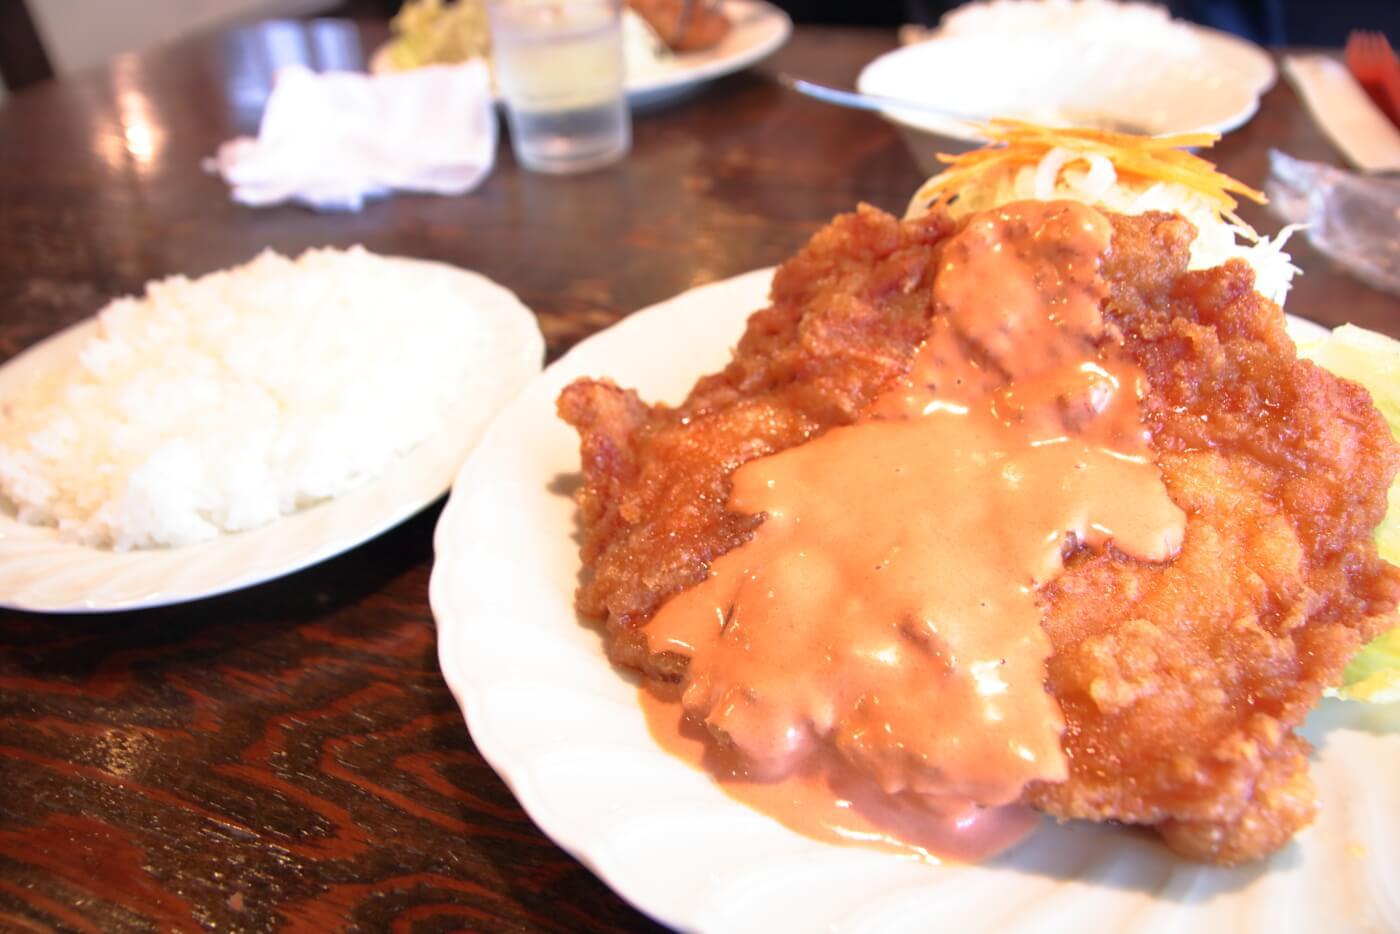 高知市の鶏料理屋さん 鳥心 名物のチキンナンバン